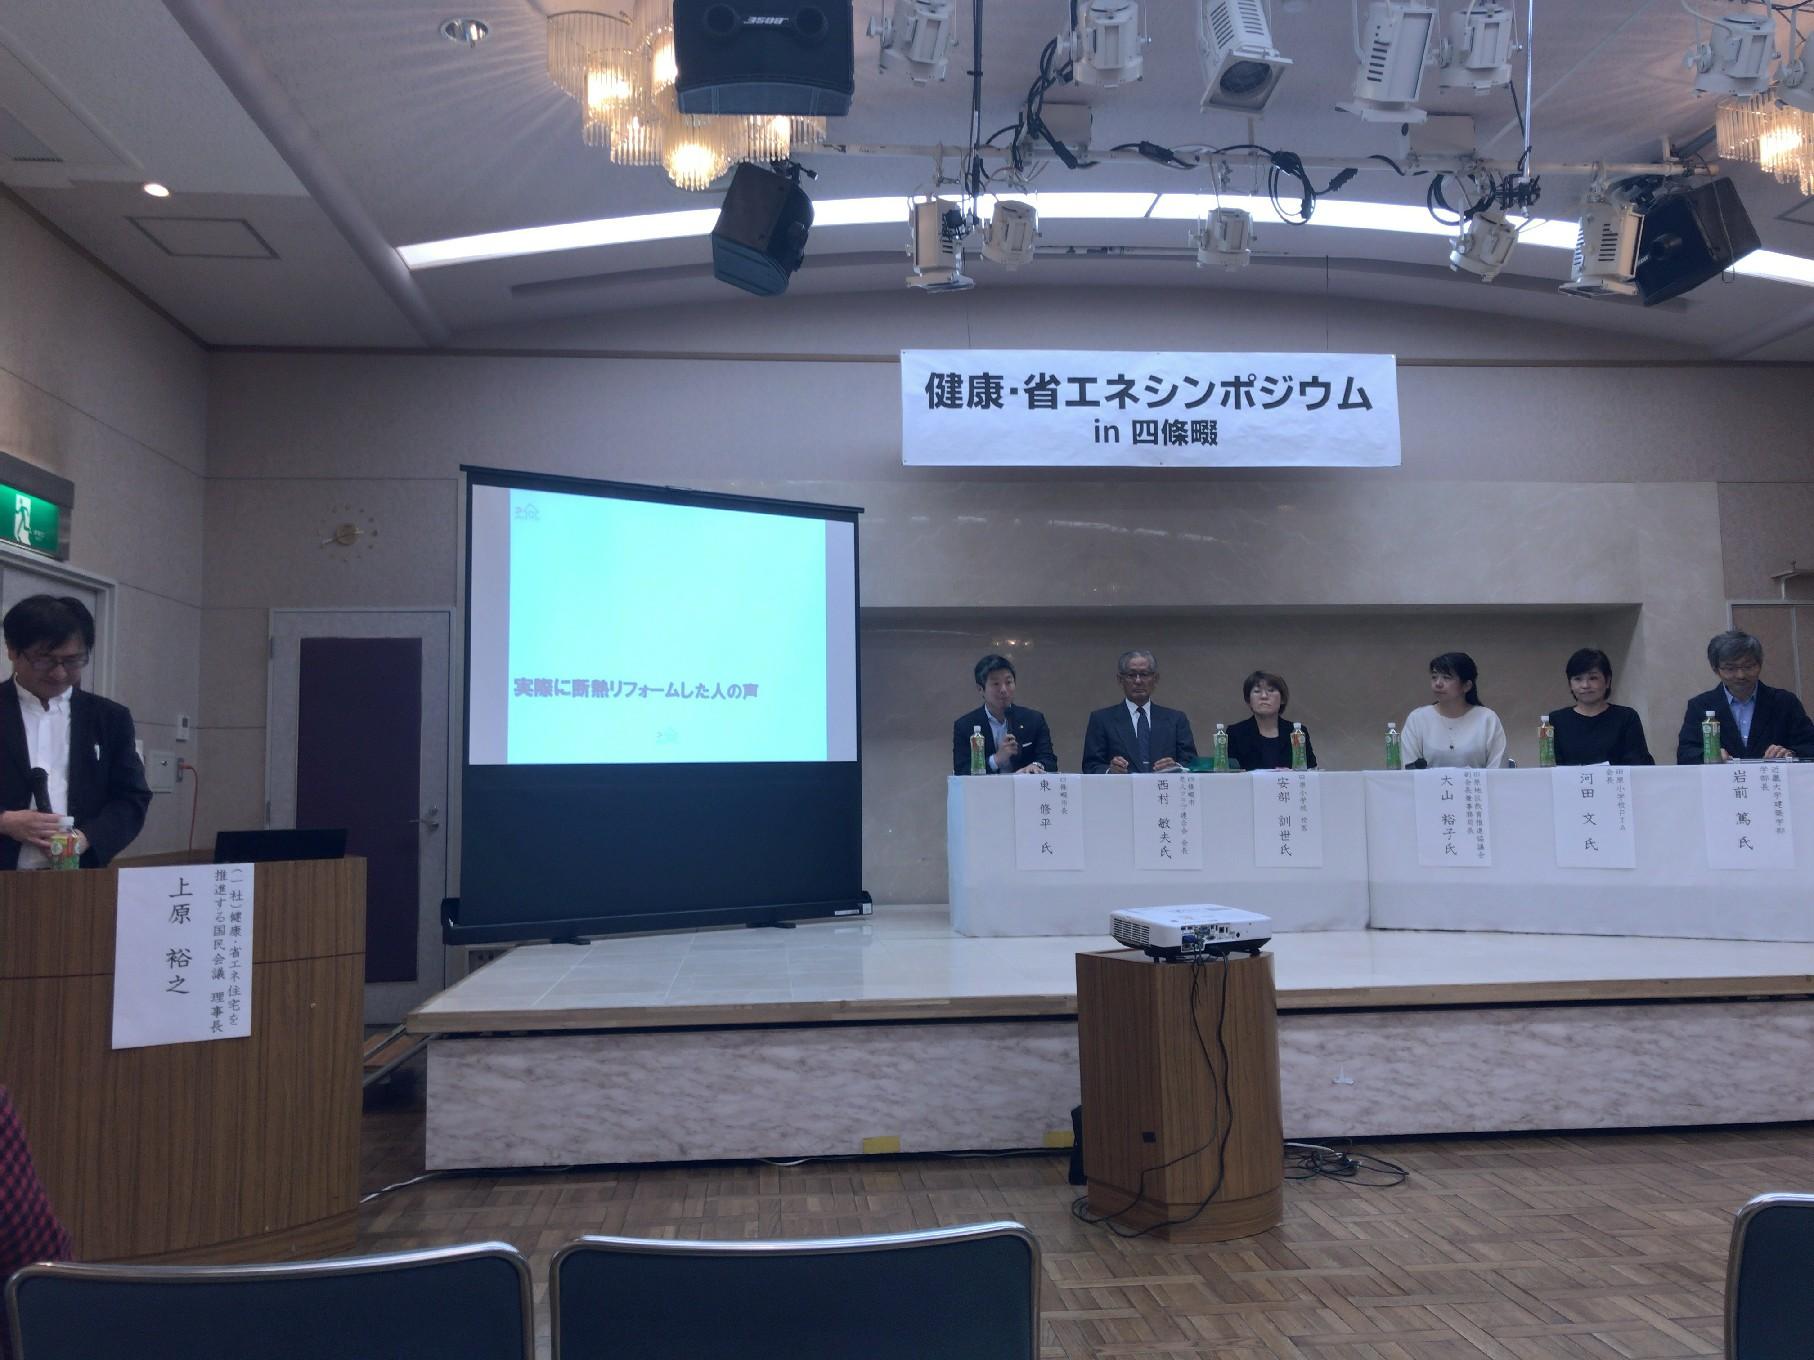 四條畷市長登壇のパネルティスカッション